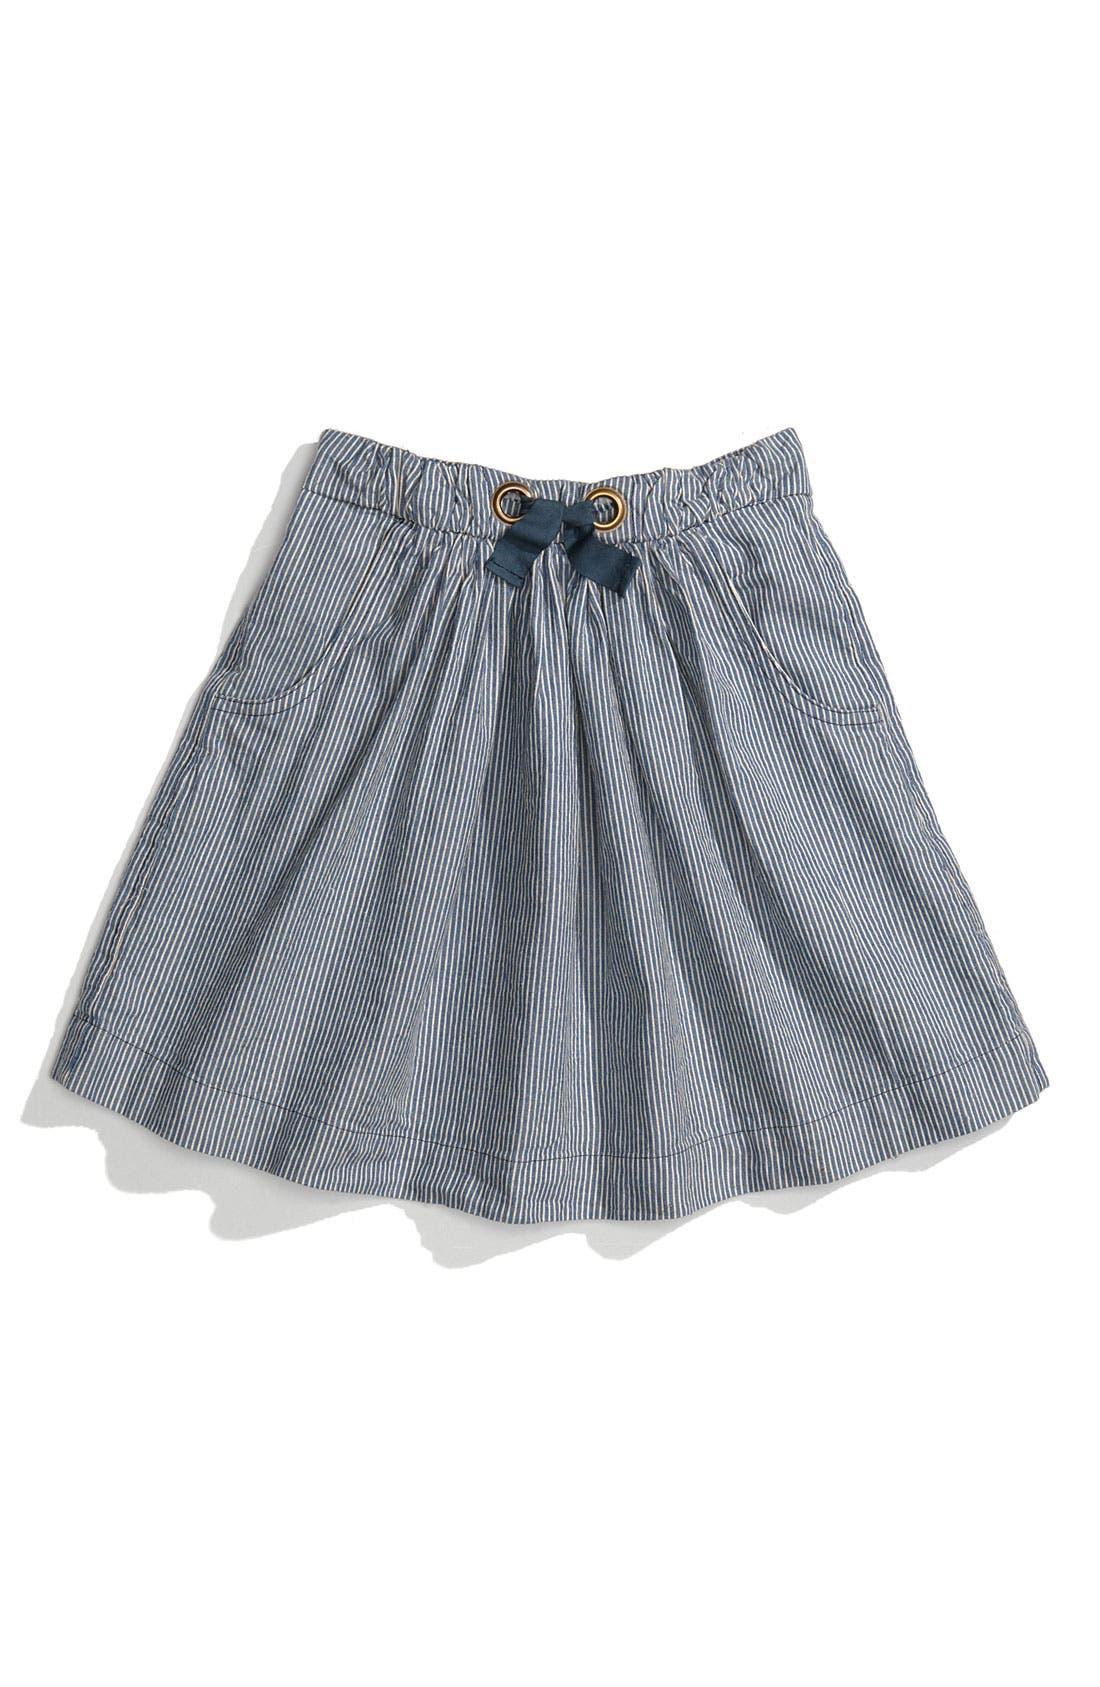 Alternate Image 1 Selected - Peek 'Brighton' Skirt (Toddler, Little Girls & Big Girls)